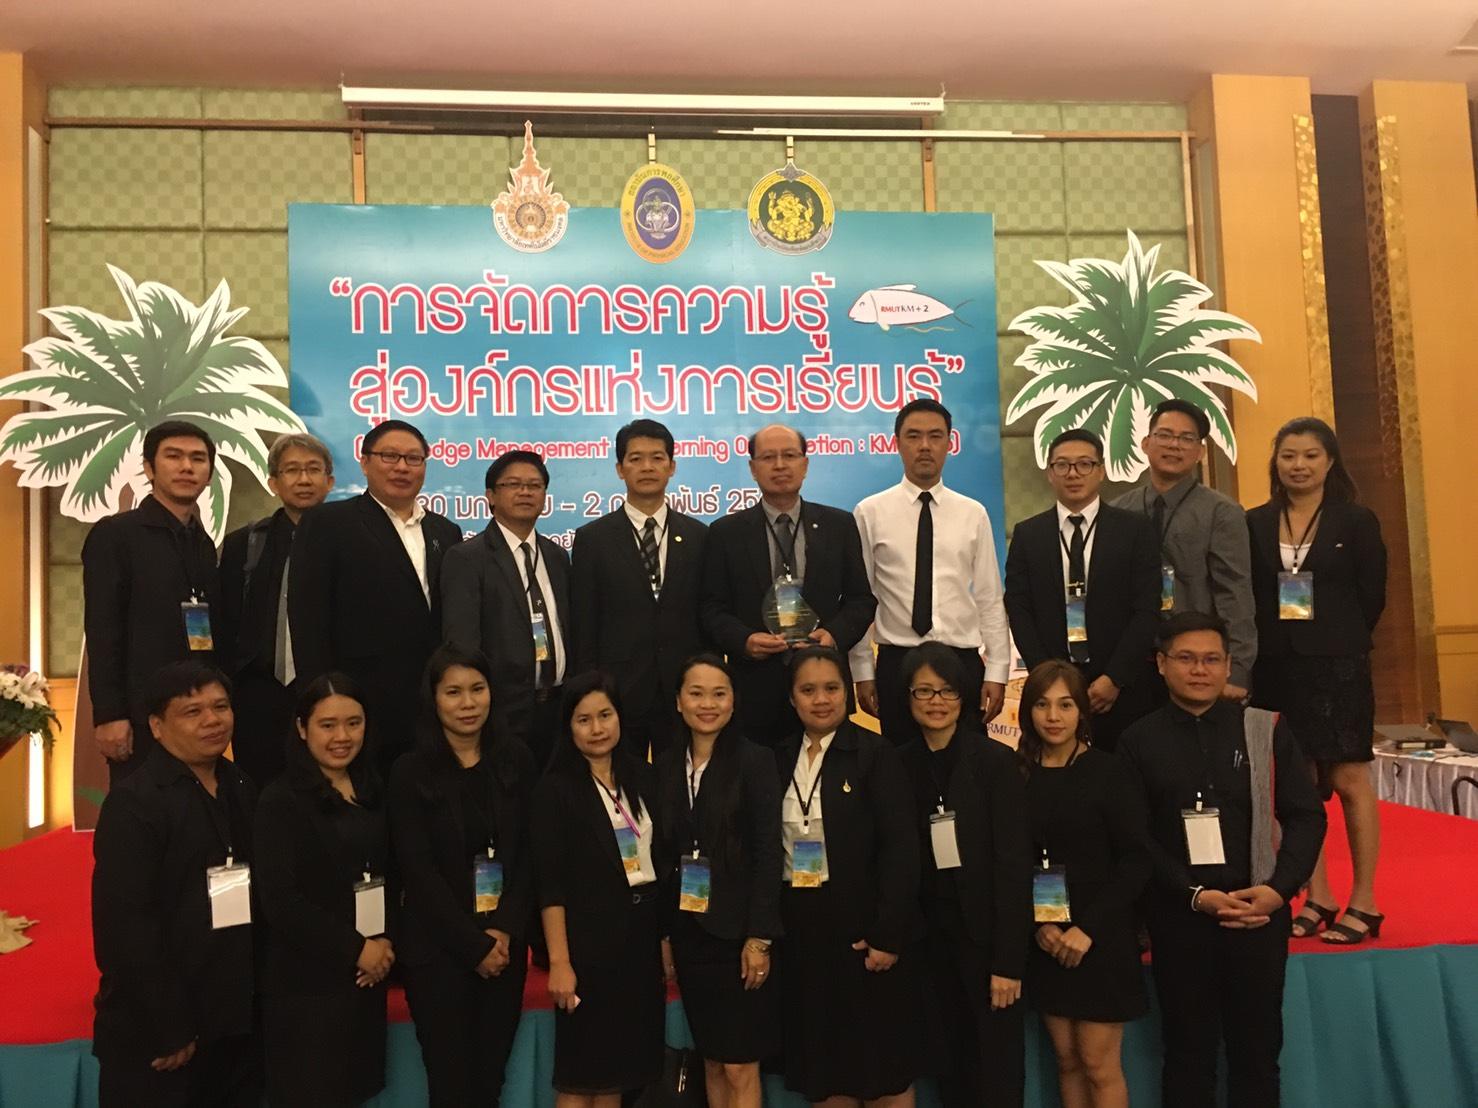 ร่วมโครงการประชุมสัมมนาเครือข่ายการจัดการความรู้ มหาวิทยาลัยเทคโนโลยีราชมงคล สถาบันการพลศึกษา และสถาบันบัณฑิตพัฒนศิลป์ ครั้งที่ 10